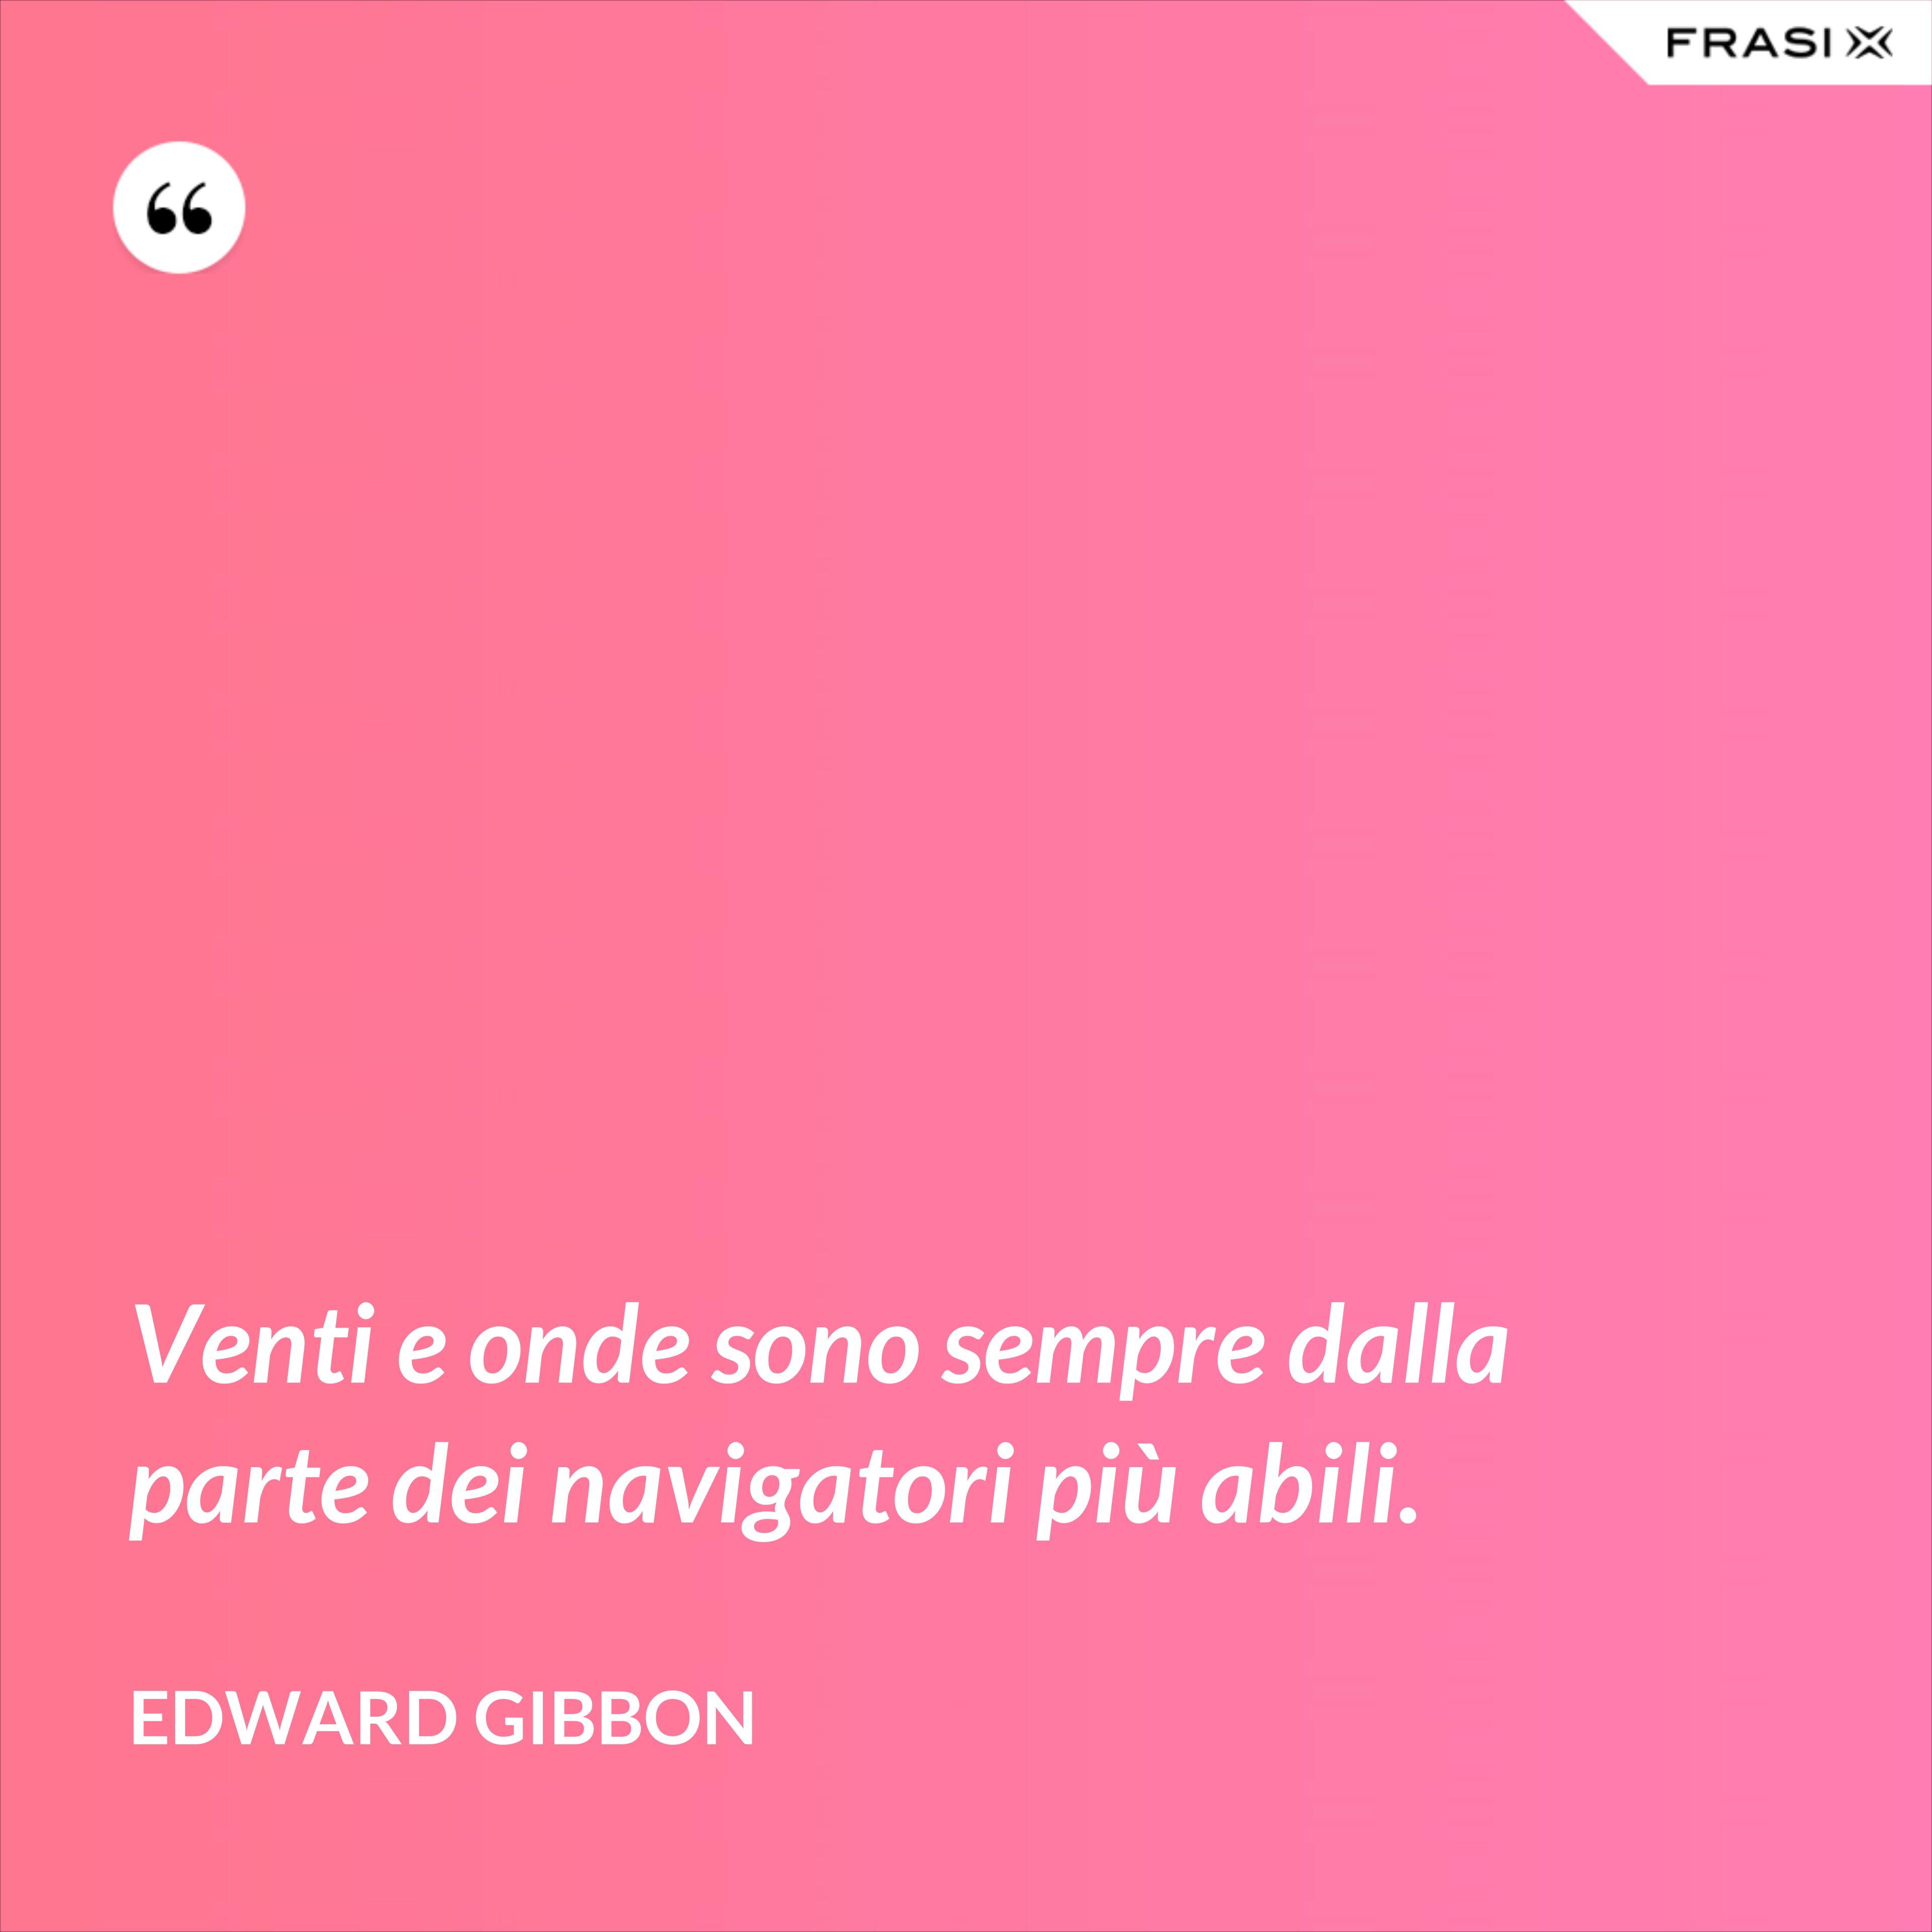 Venti e onde sono sempre dalla parte dei navigatori più abili. - Edward Gibbon